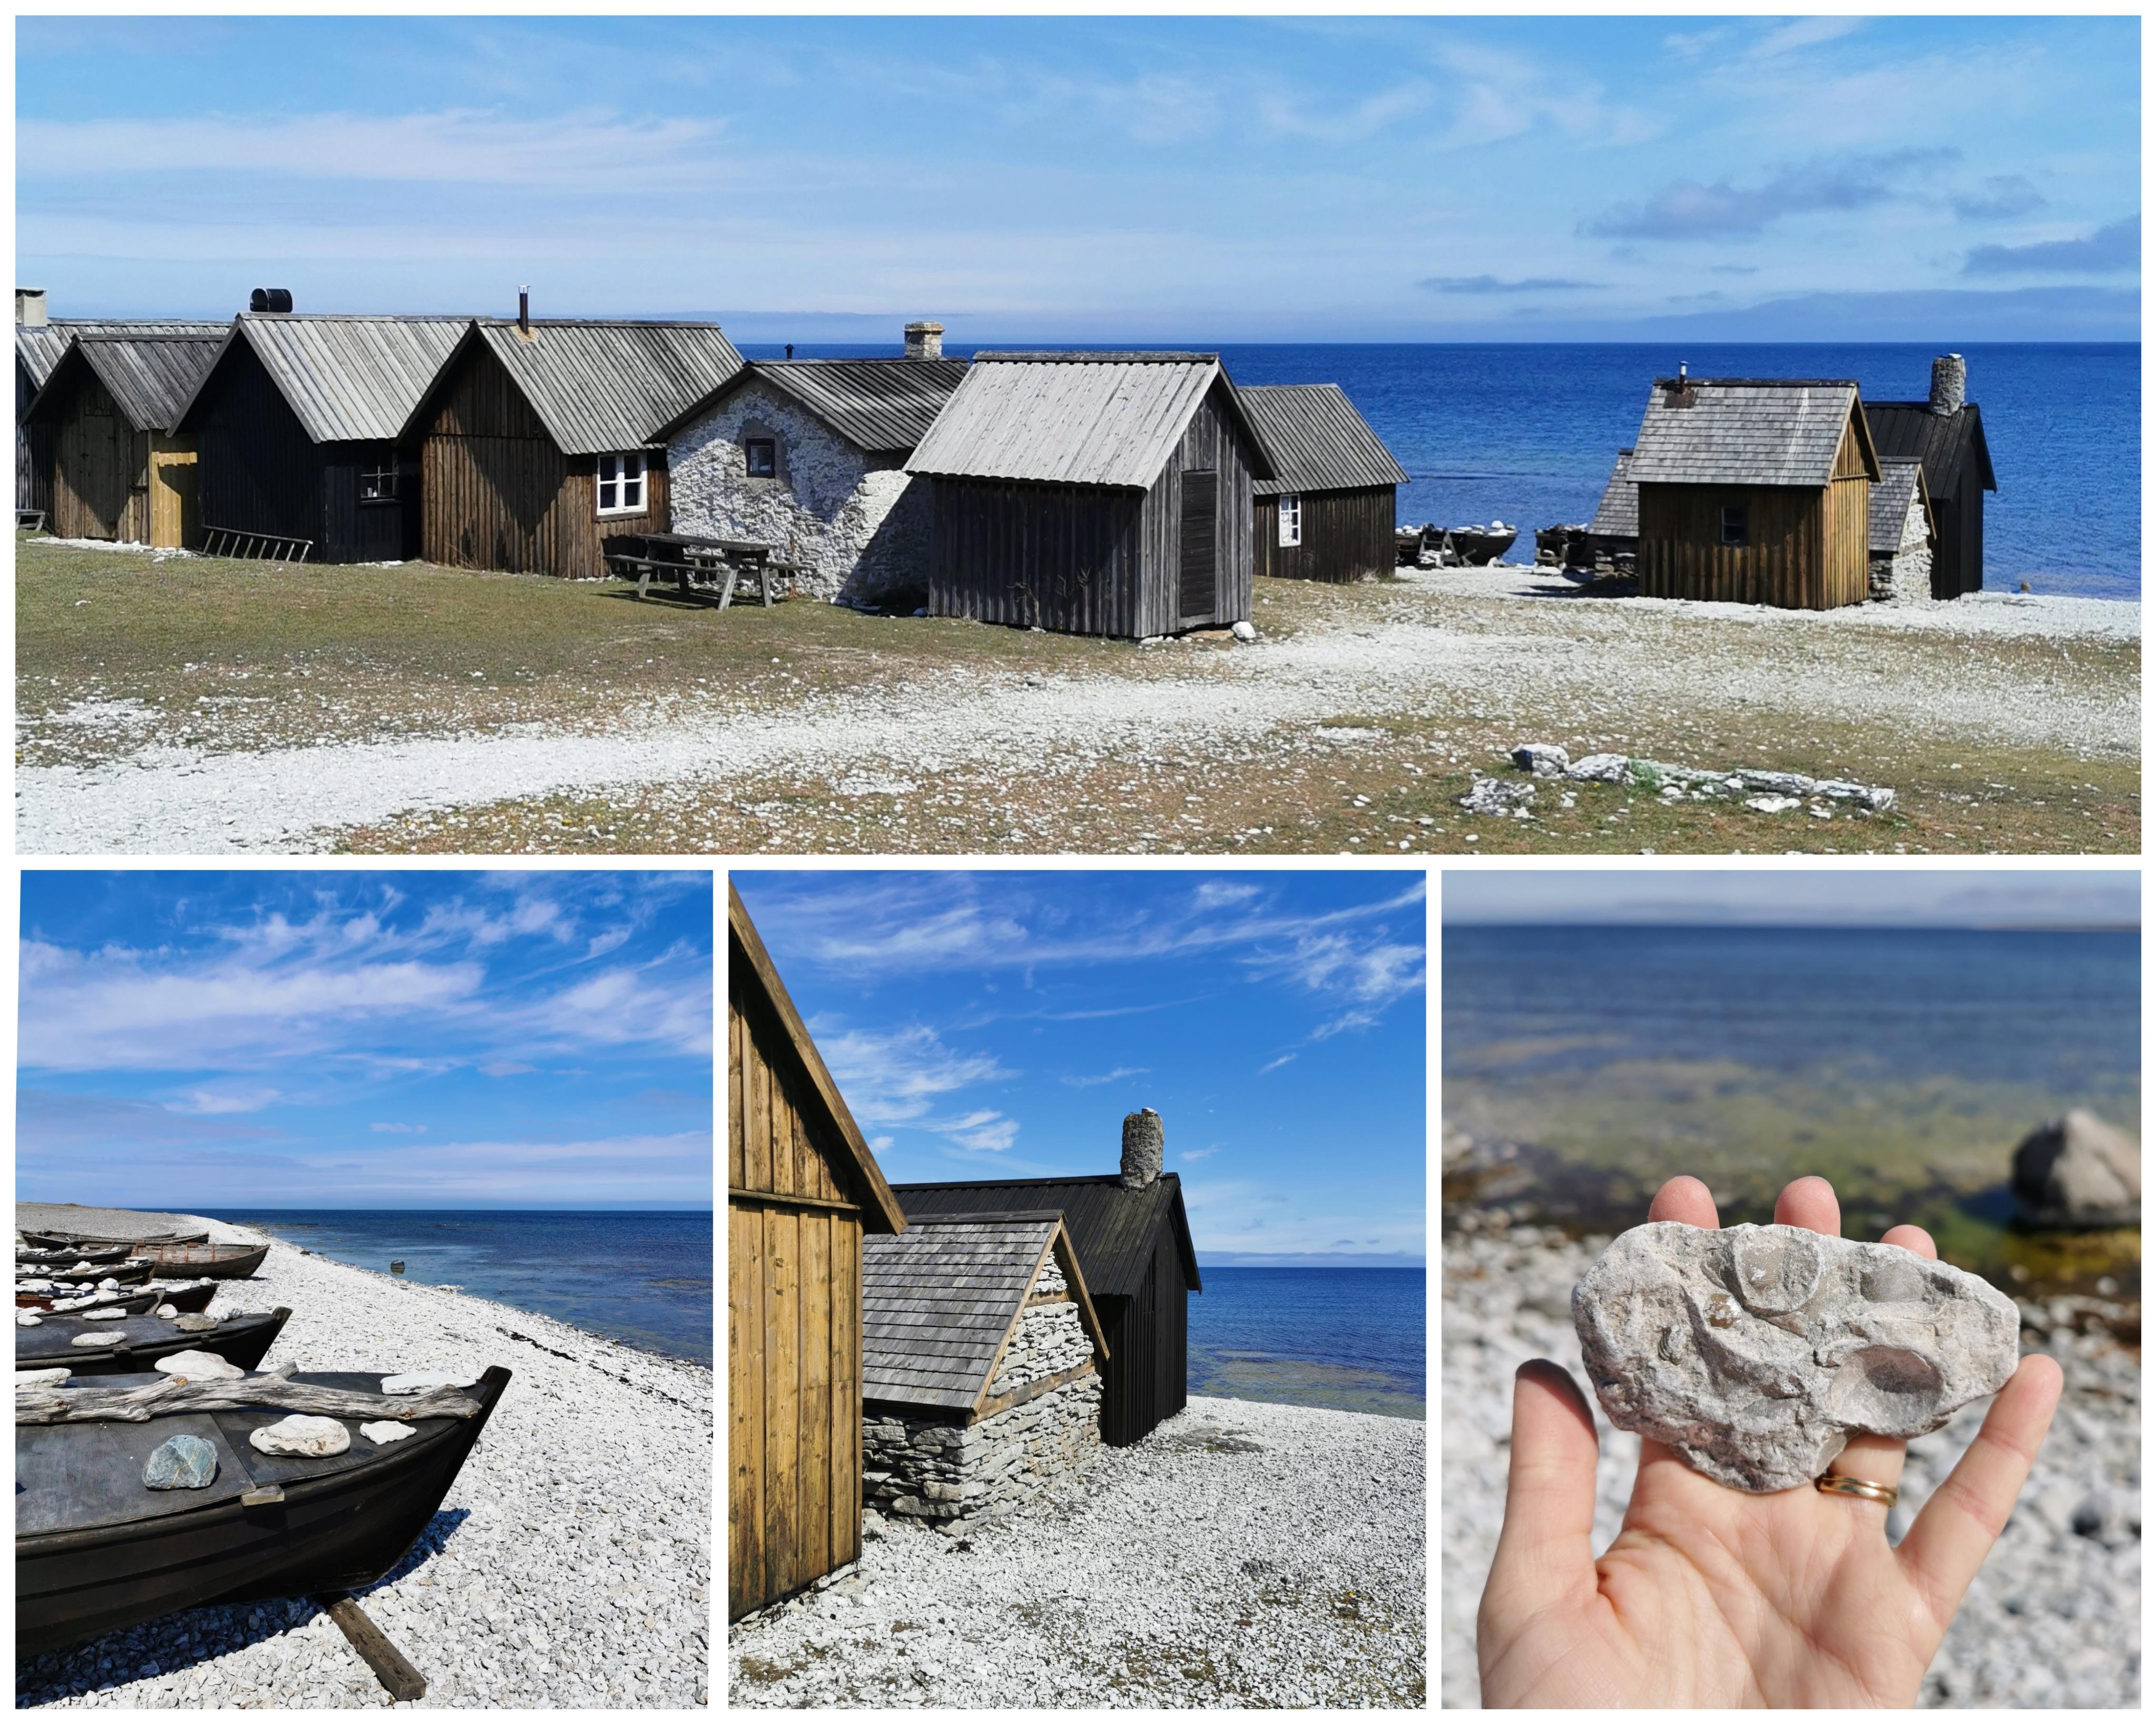 Helgumannens fiskeläge sjöbodar och träbåtar